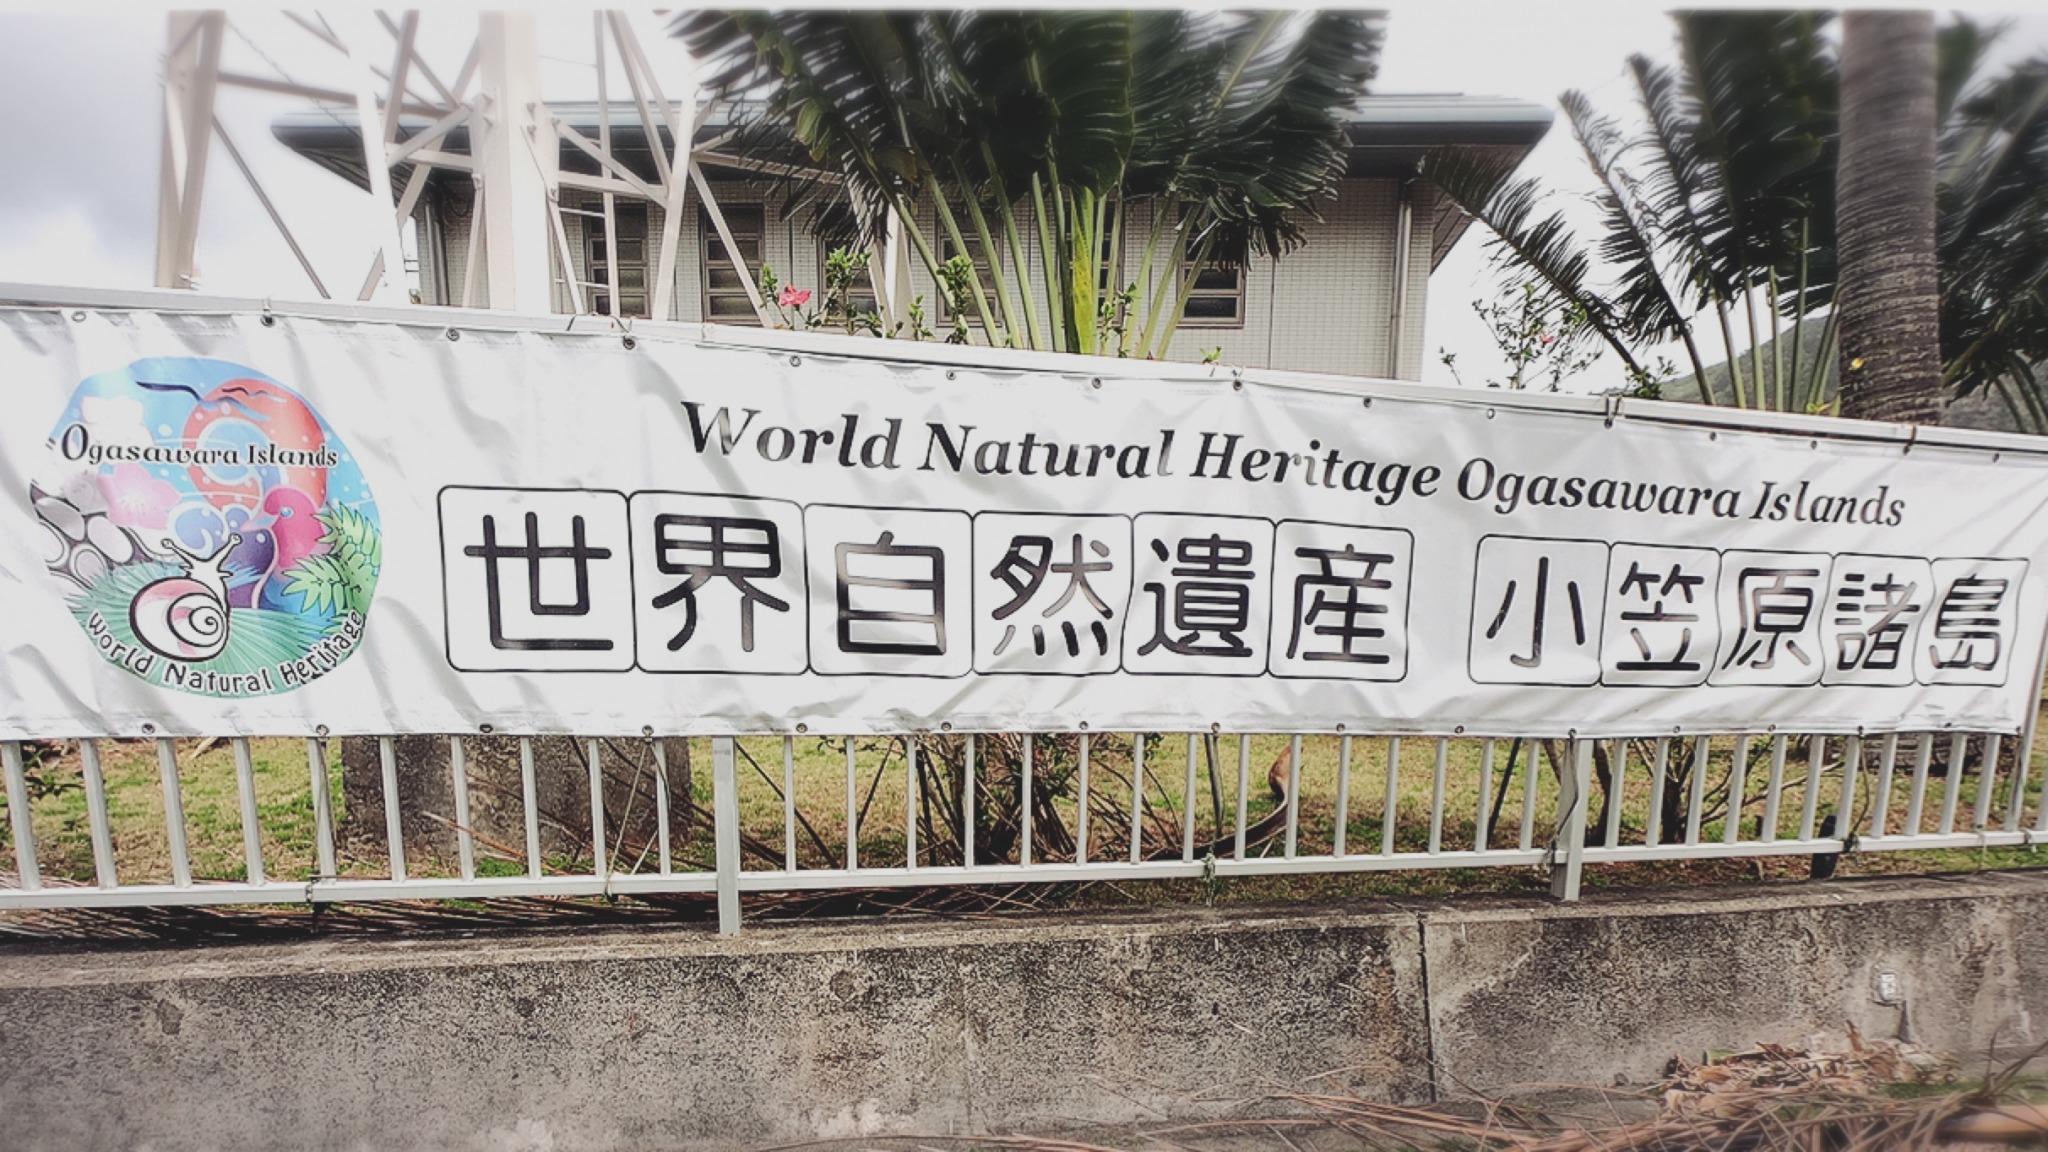 世界自然遺産小笠原諸島